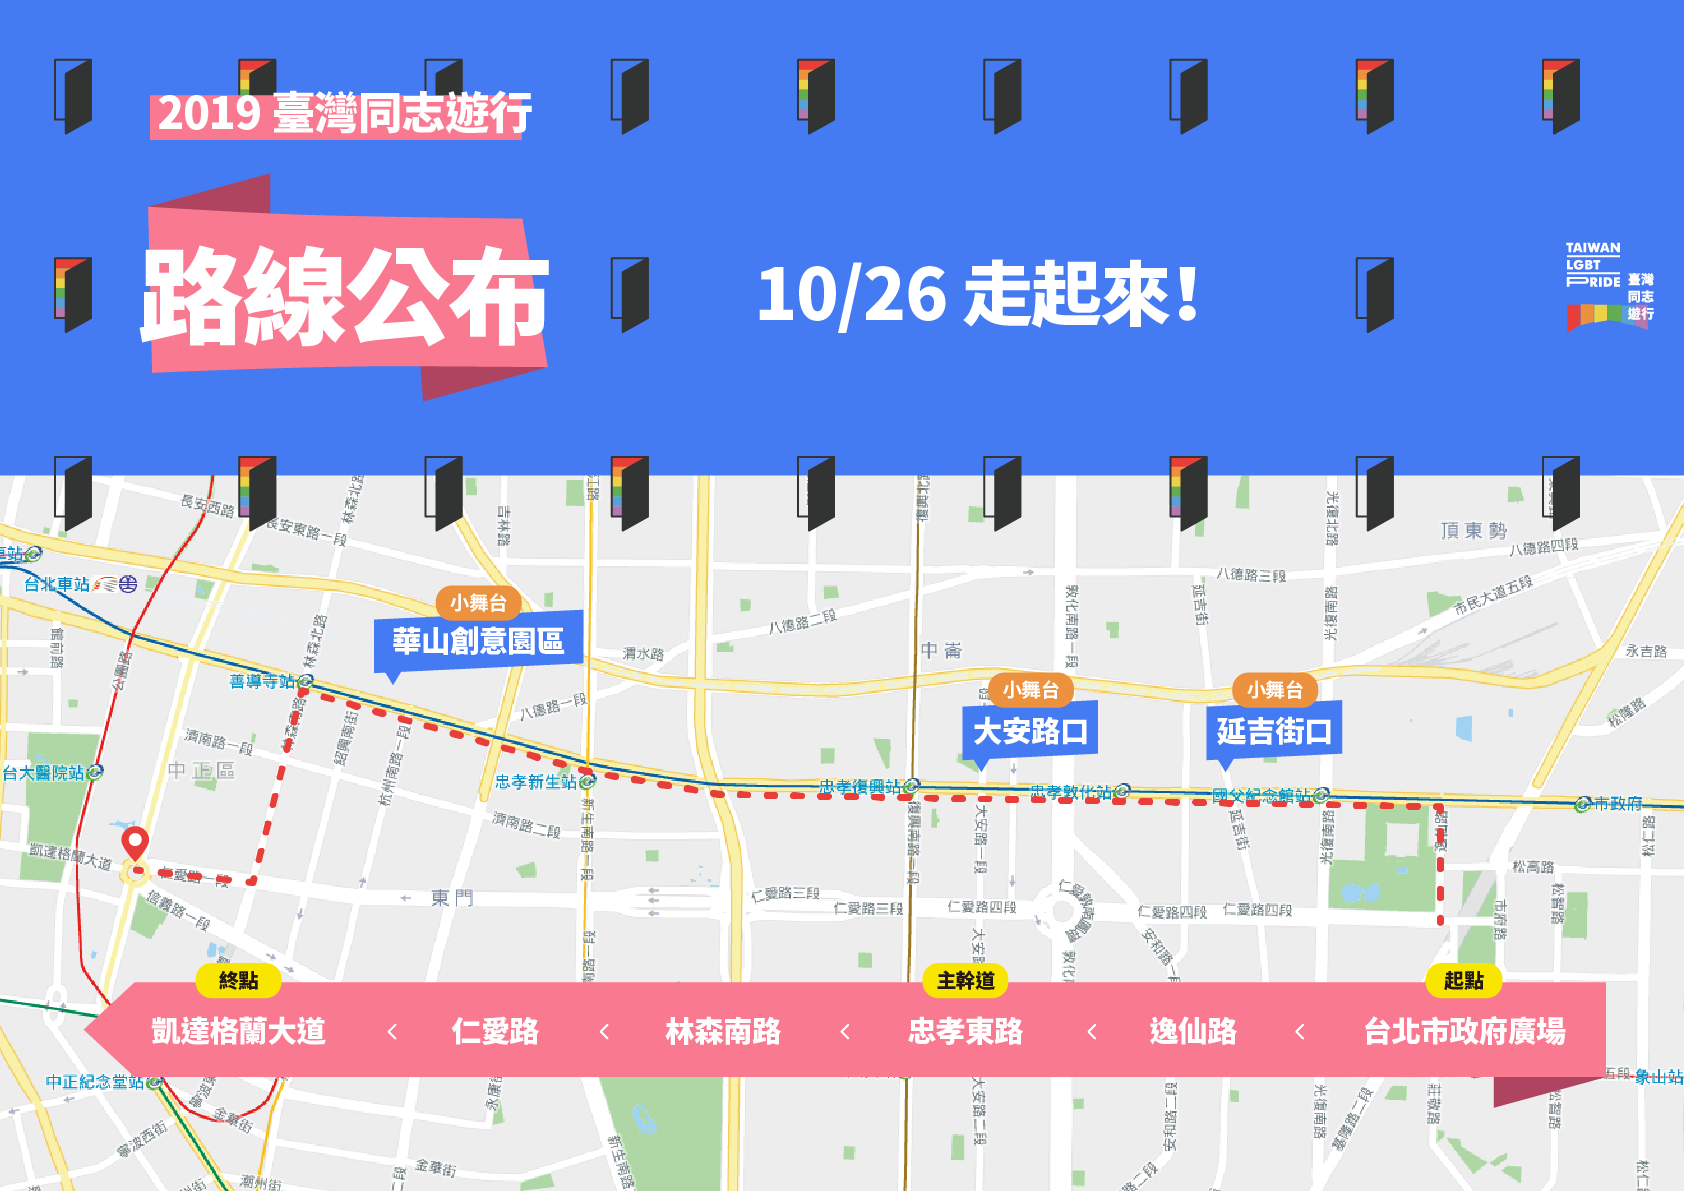 遊行路線圖_網路.png